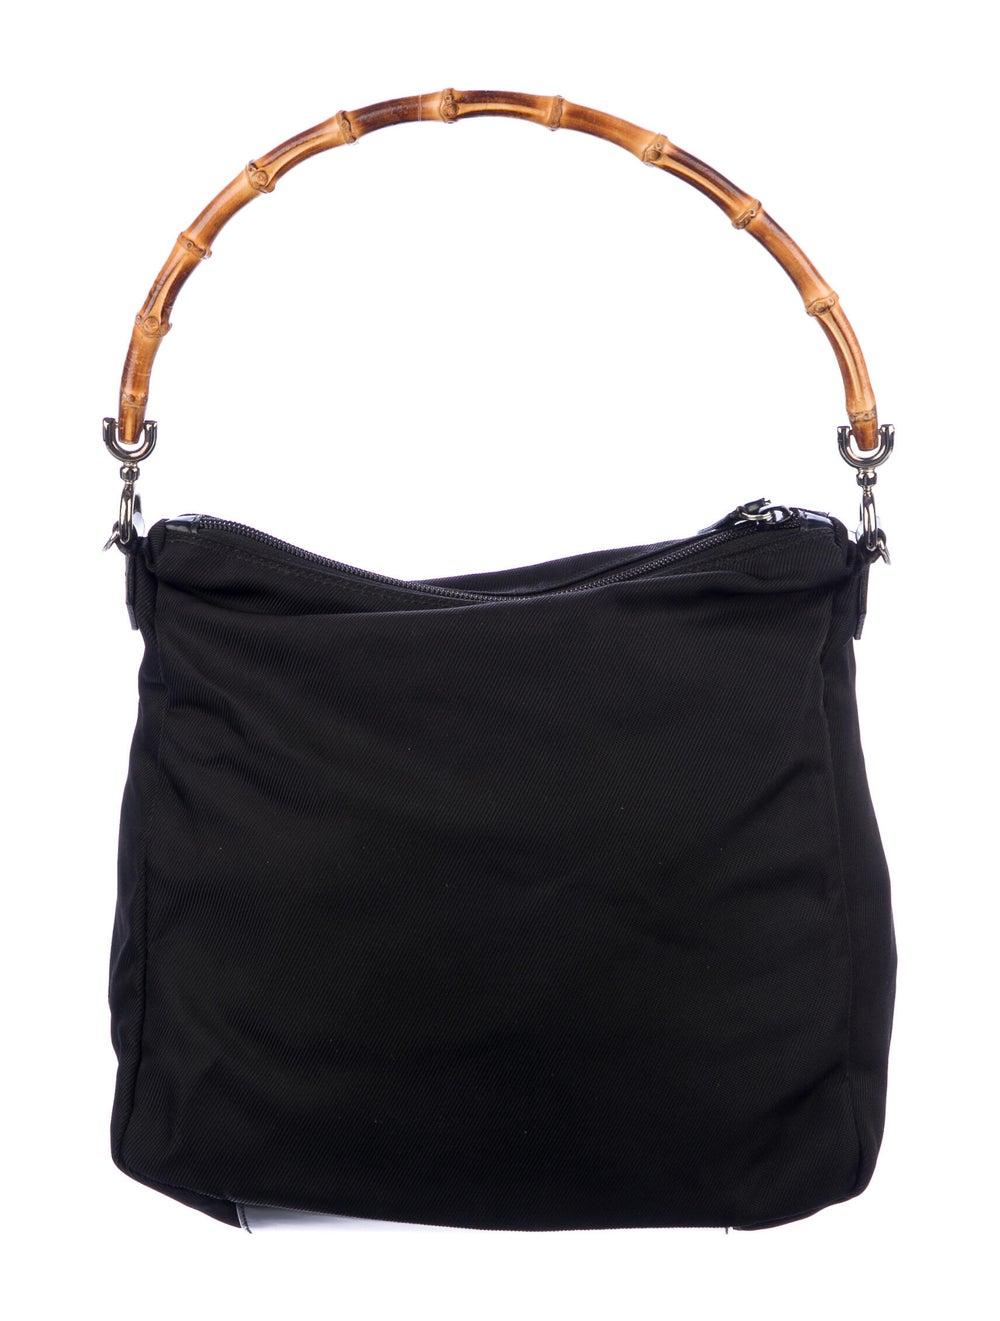 Gucci Vintage Nylon Bamboo Shoulder Bag Black - image 4